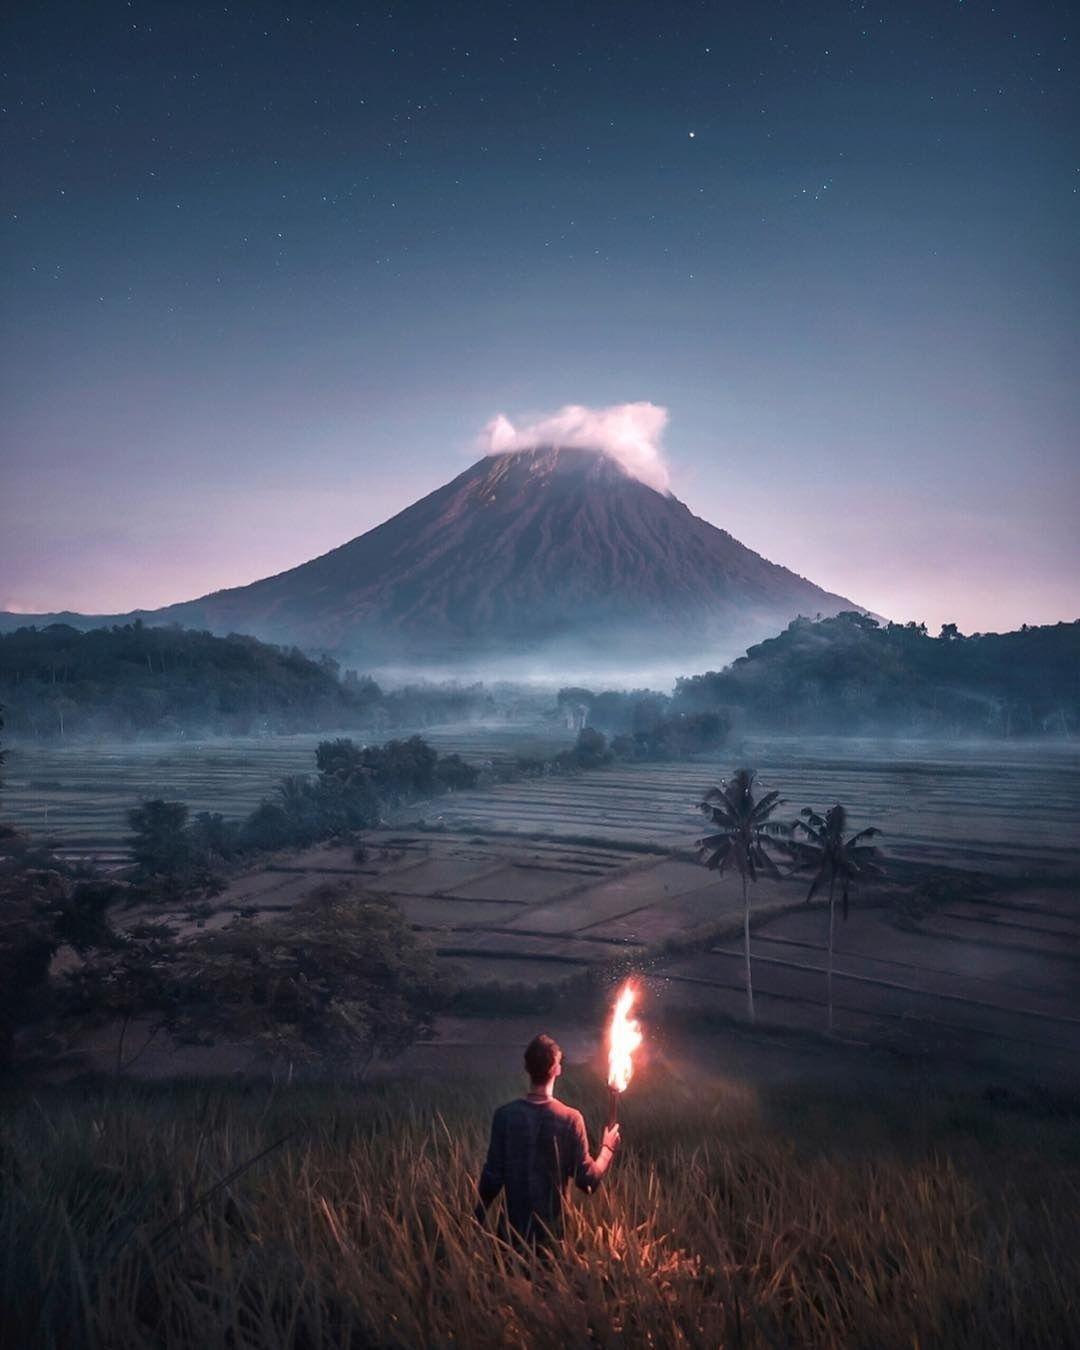 Now Discovering Mount Agung In Bali Indonesia With Visualsofjulius Mount Agung Or Gunung Agung Is A Volcano Di 2020 Fotografi Pemandangan Fotografi Alam Pemandangan